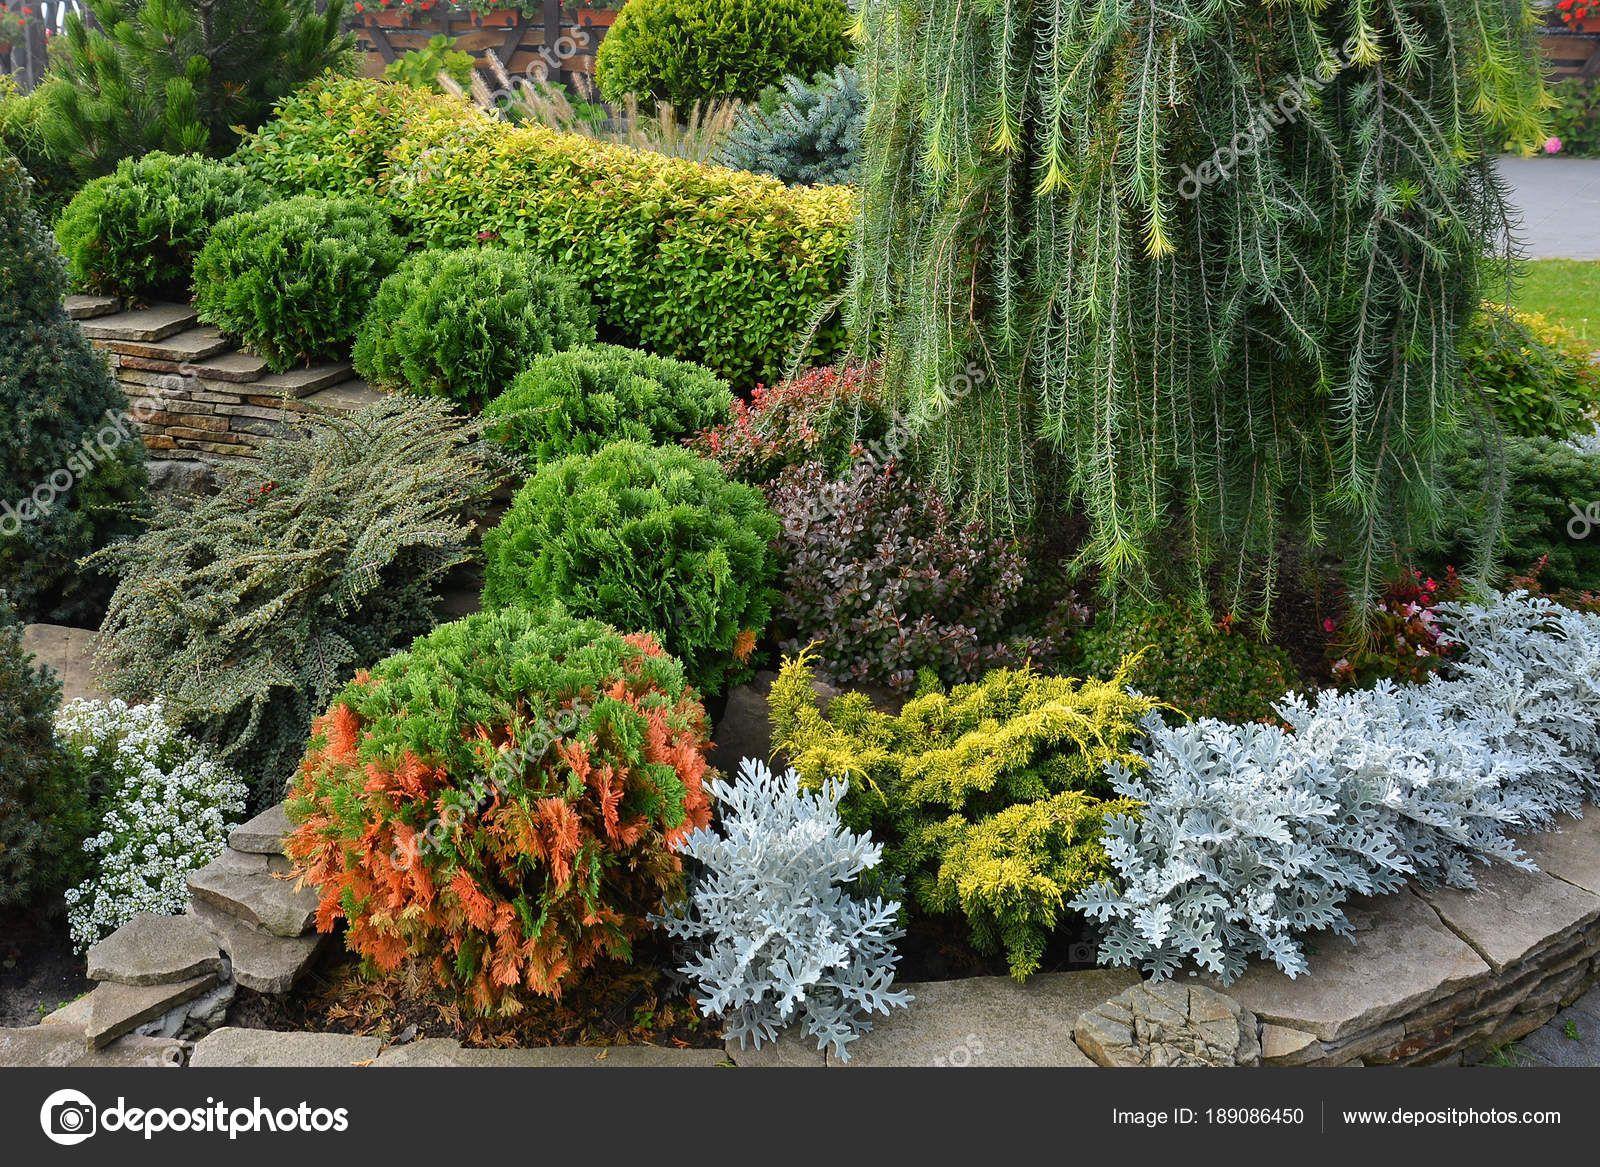 Cespugli Sempreverdi Con Fiori scarica - aiuola con alberi ornamentali, cespugli e fiori